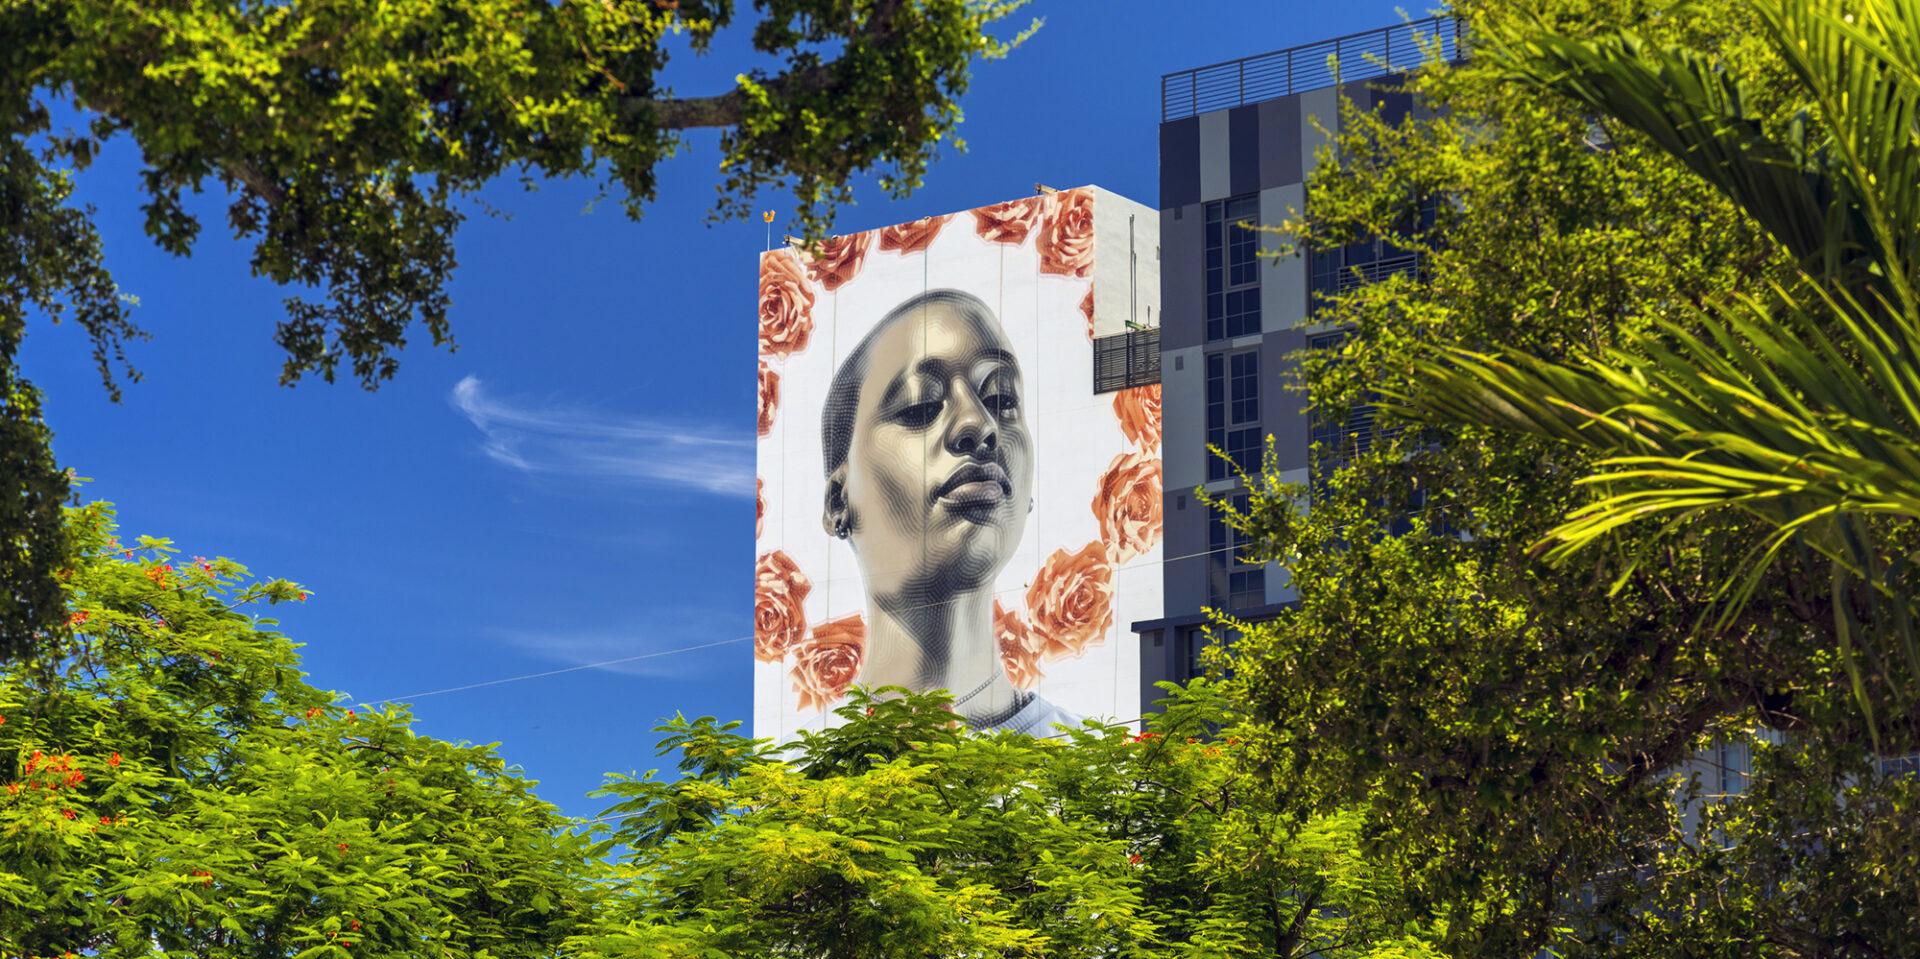 Wynwood 25 building wall art